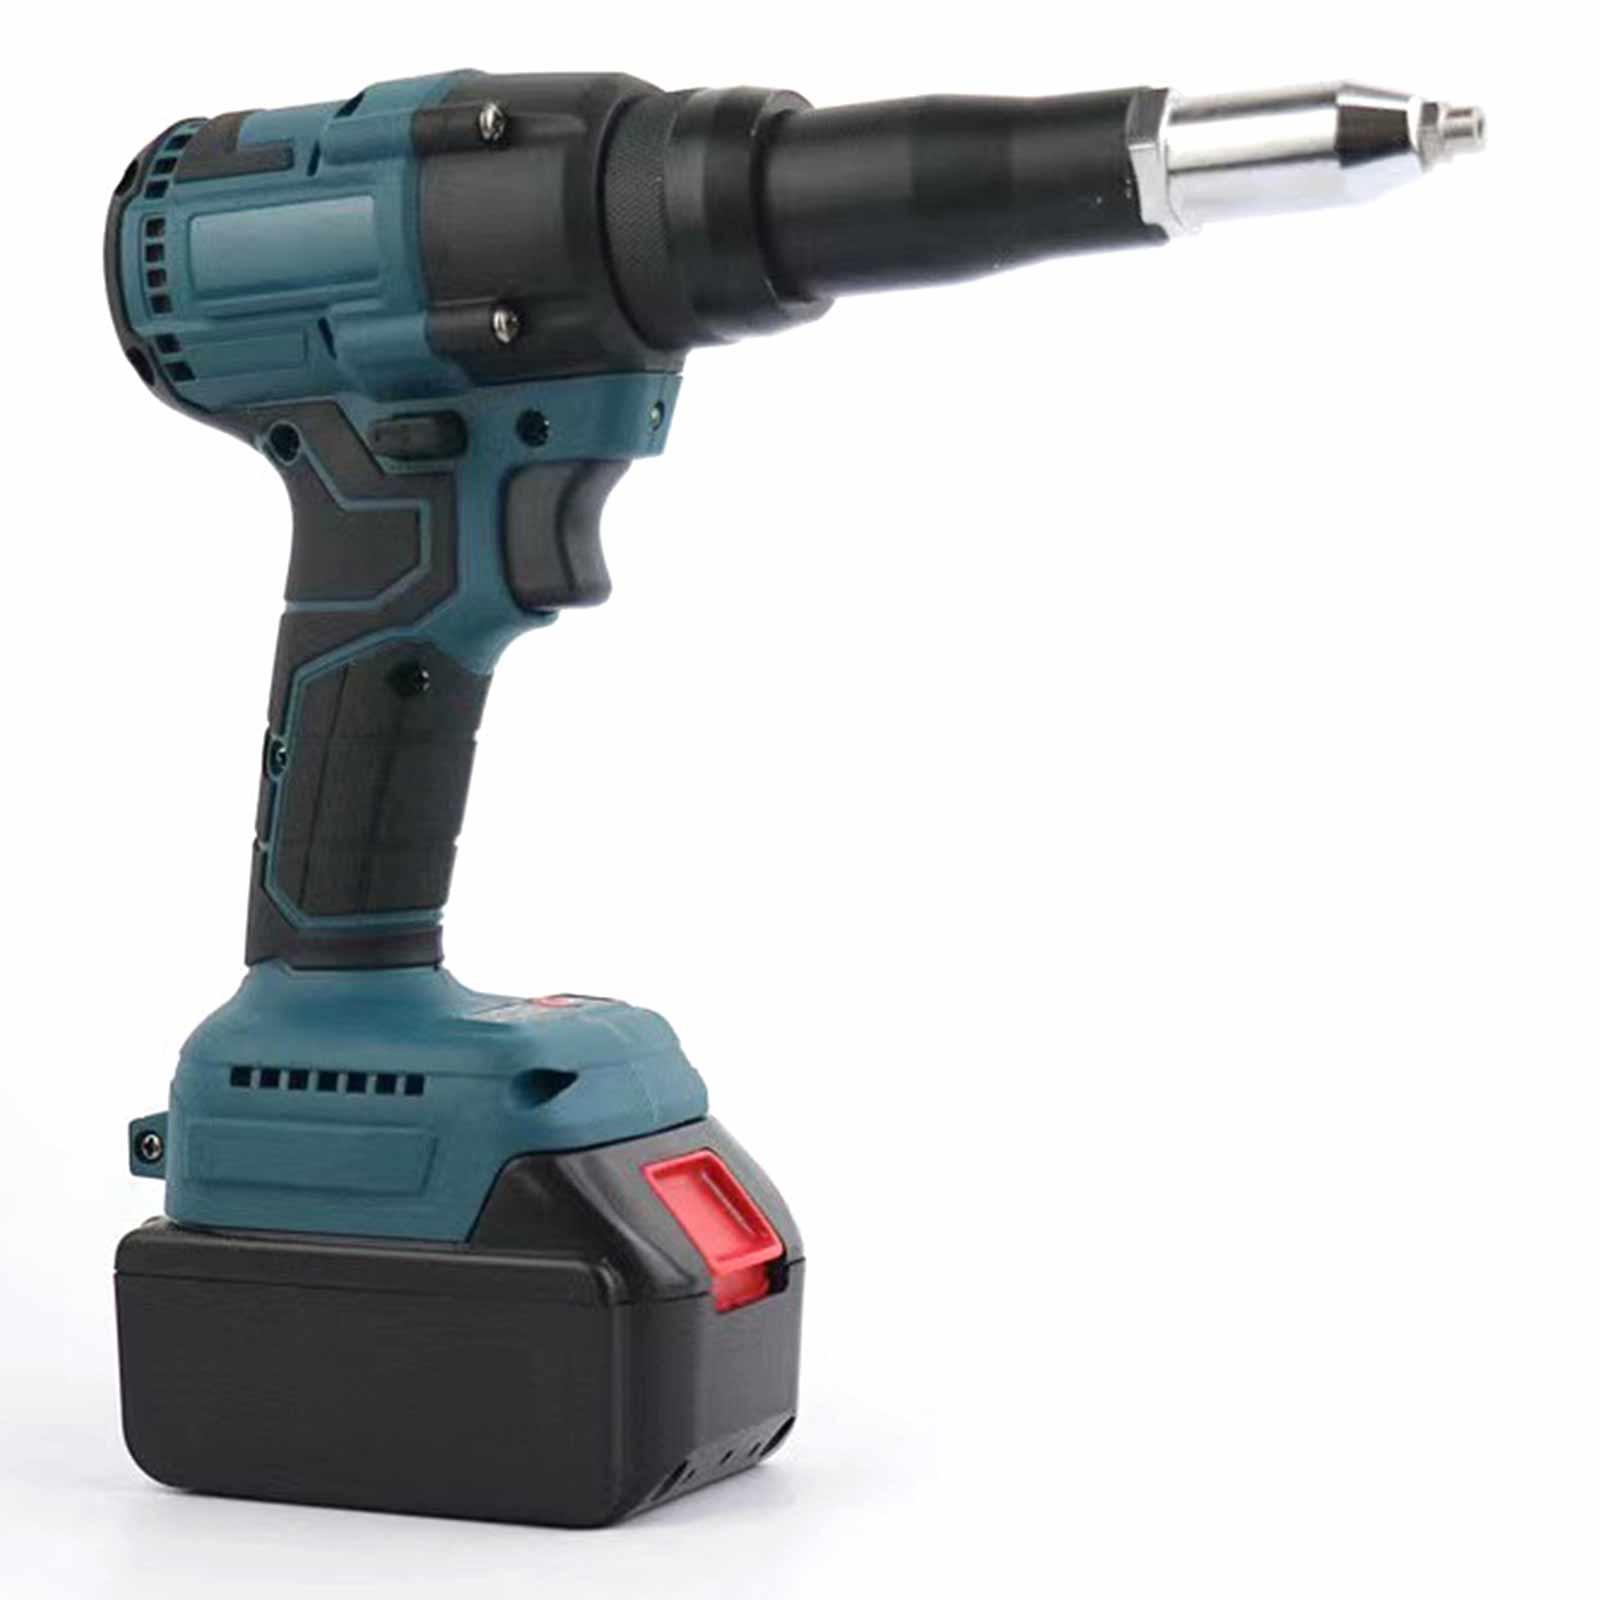 21V Electric Rivet Gun High Strength Nut Drill Insert Gun Pull Riveting Tool Electric Riveting Drill Adaptor Brushless Rivet Gun